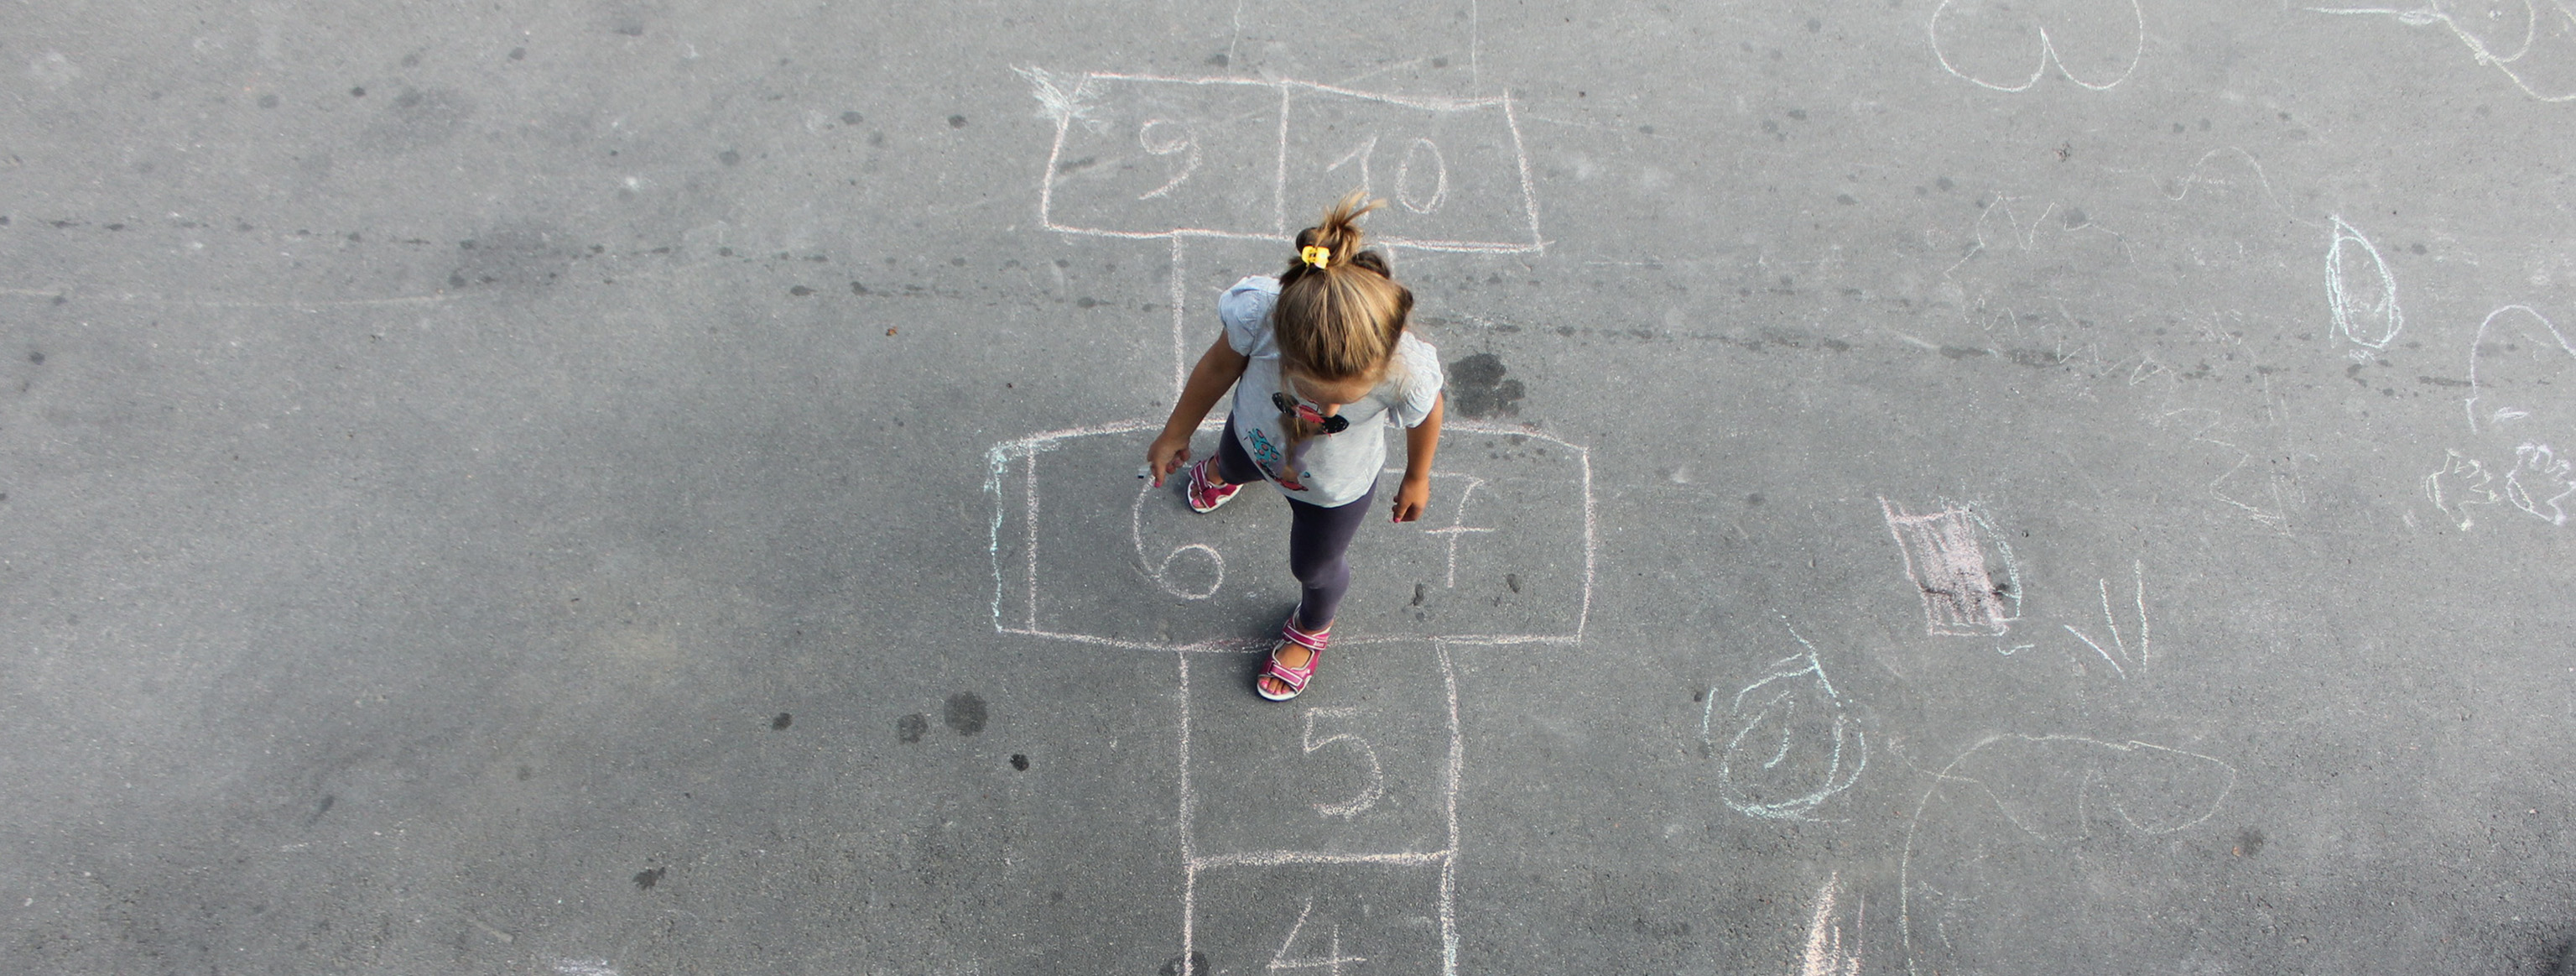 7 أفكار مشوقة لاستغلال العطلة الصيفية مع أطفالك